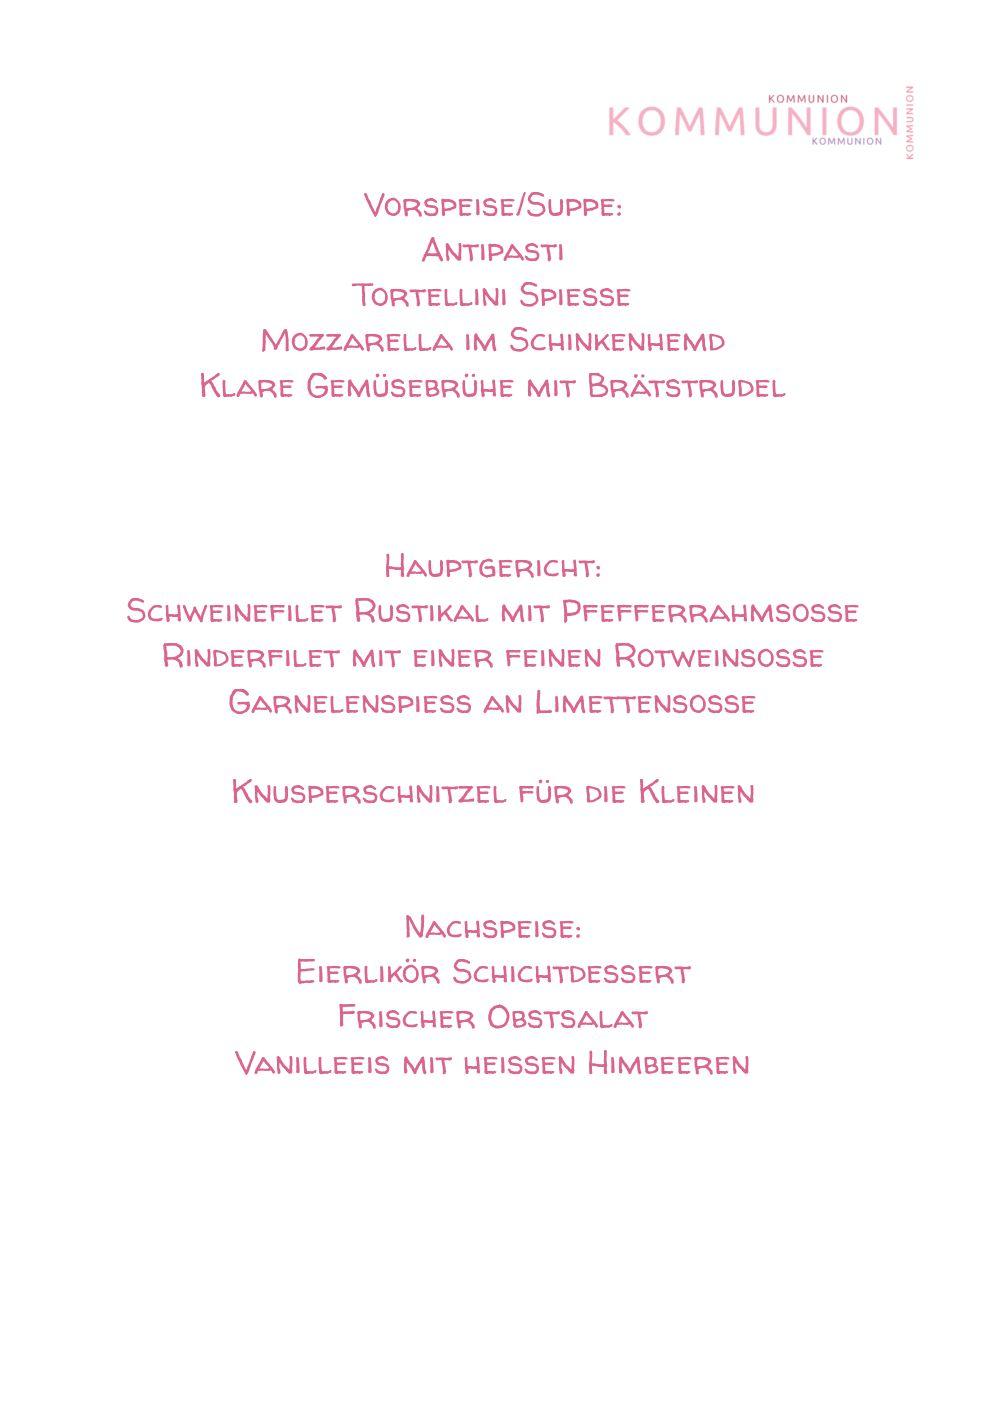 Ansicht 5 - Kommunion Menükarte Script